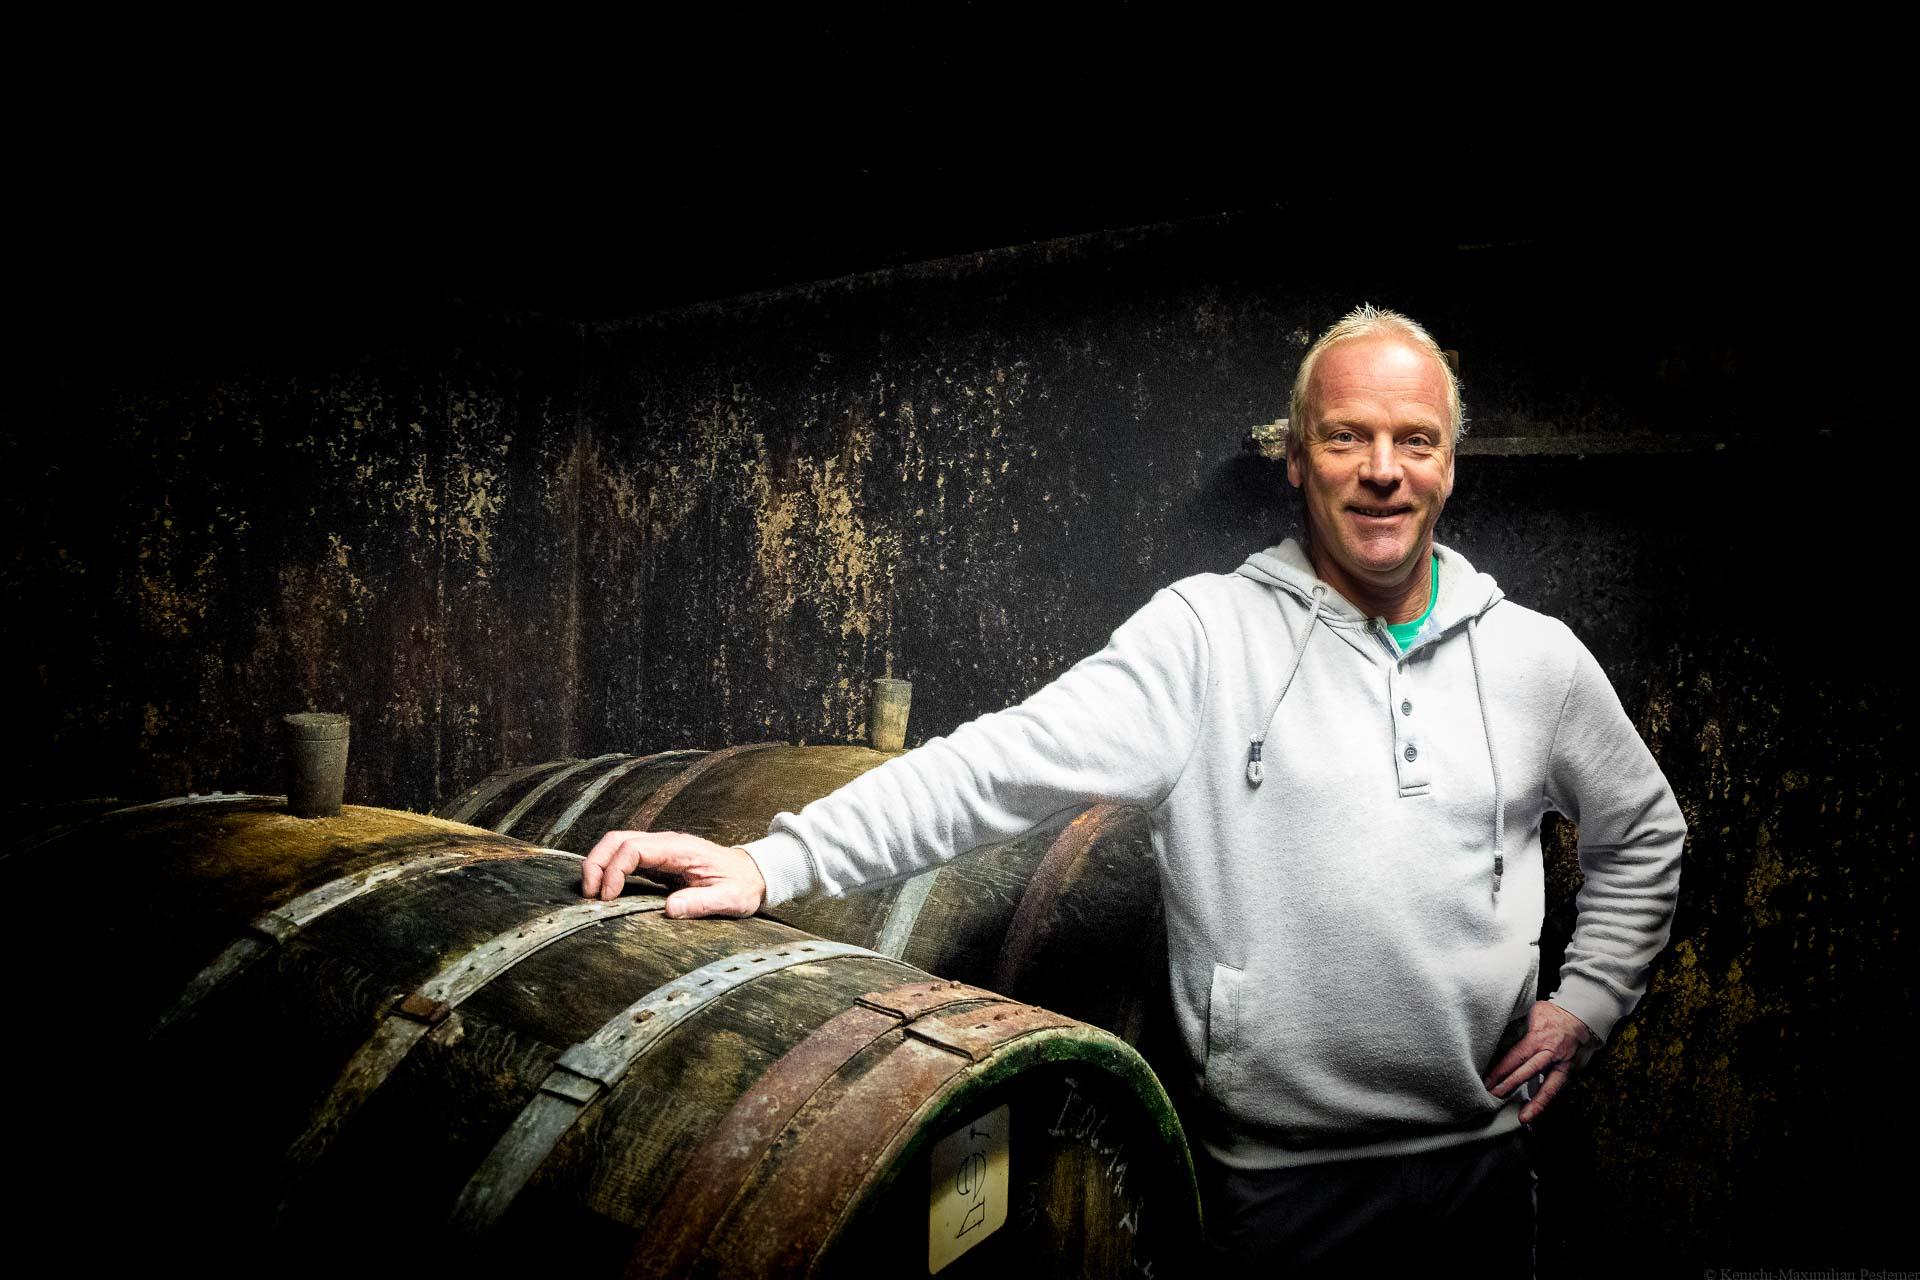 Stefan Erbes steht im Weinkeller des Weingutes Karl Erbes neben alten Weinfässern